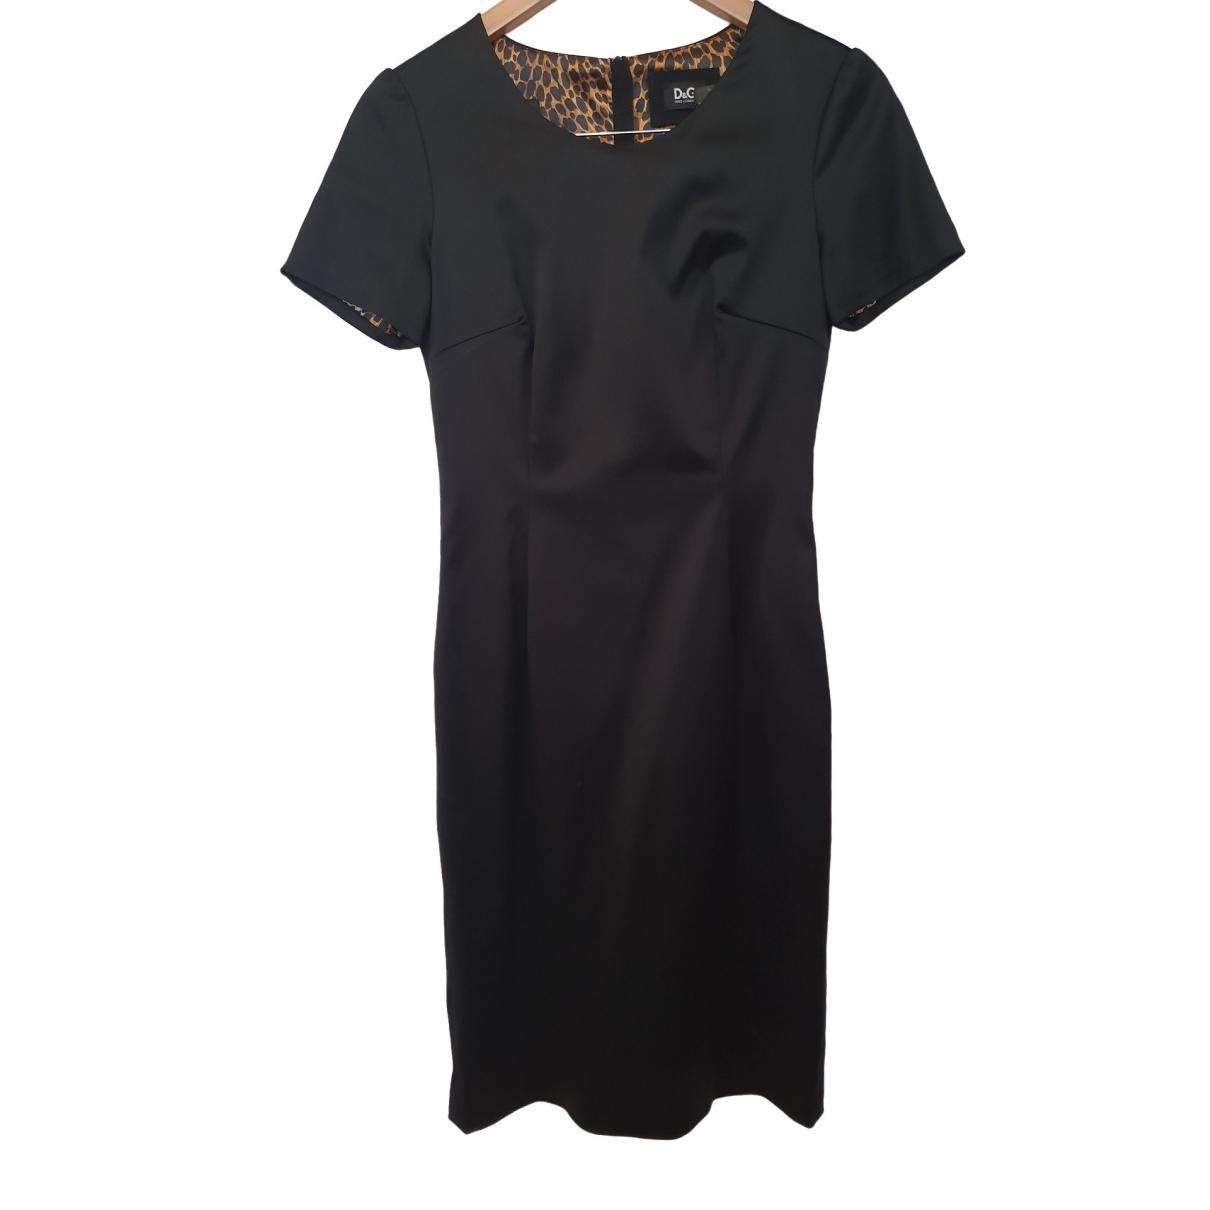 D&g - Robe   pour femme en soie - noir